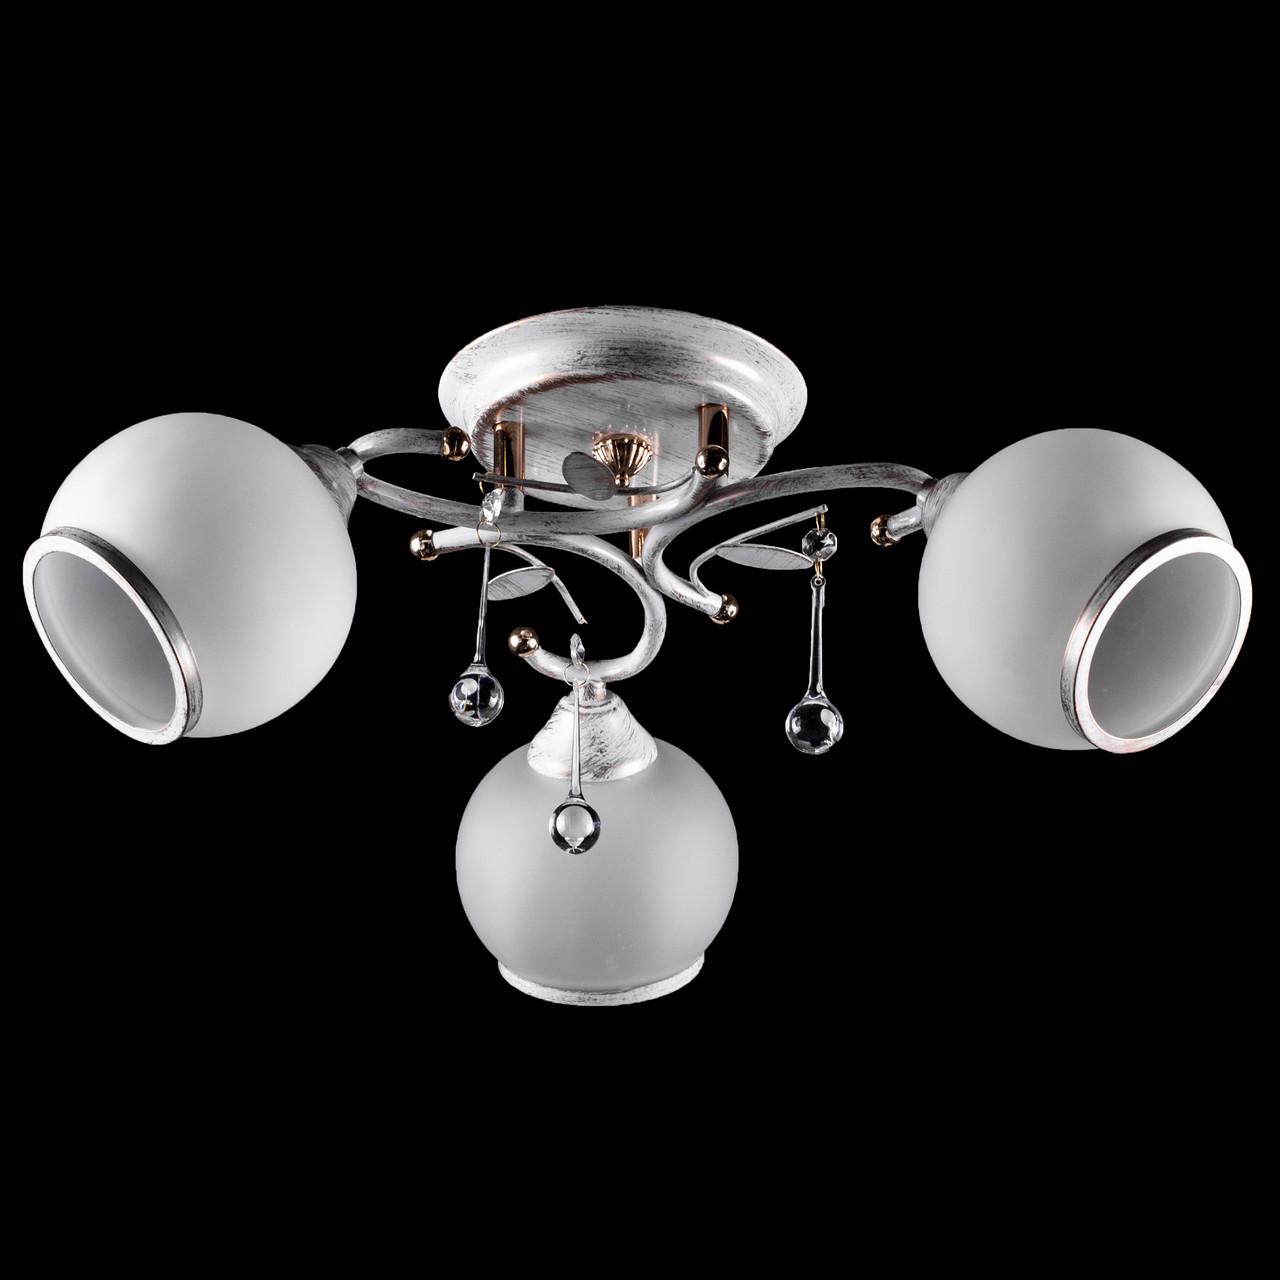 Стельова люстра на три лампочки (золота патина) P3-37390/3C/TG+WT